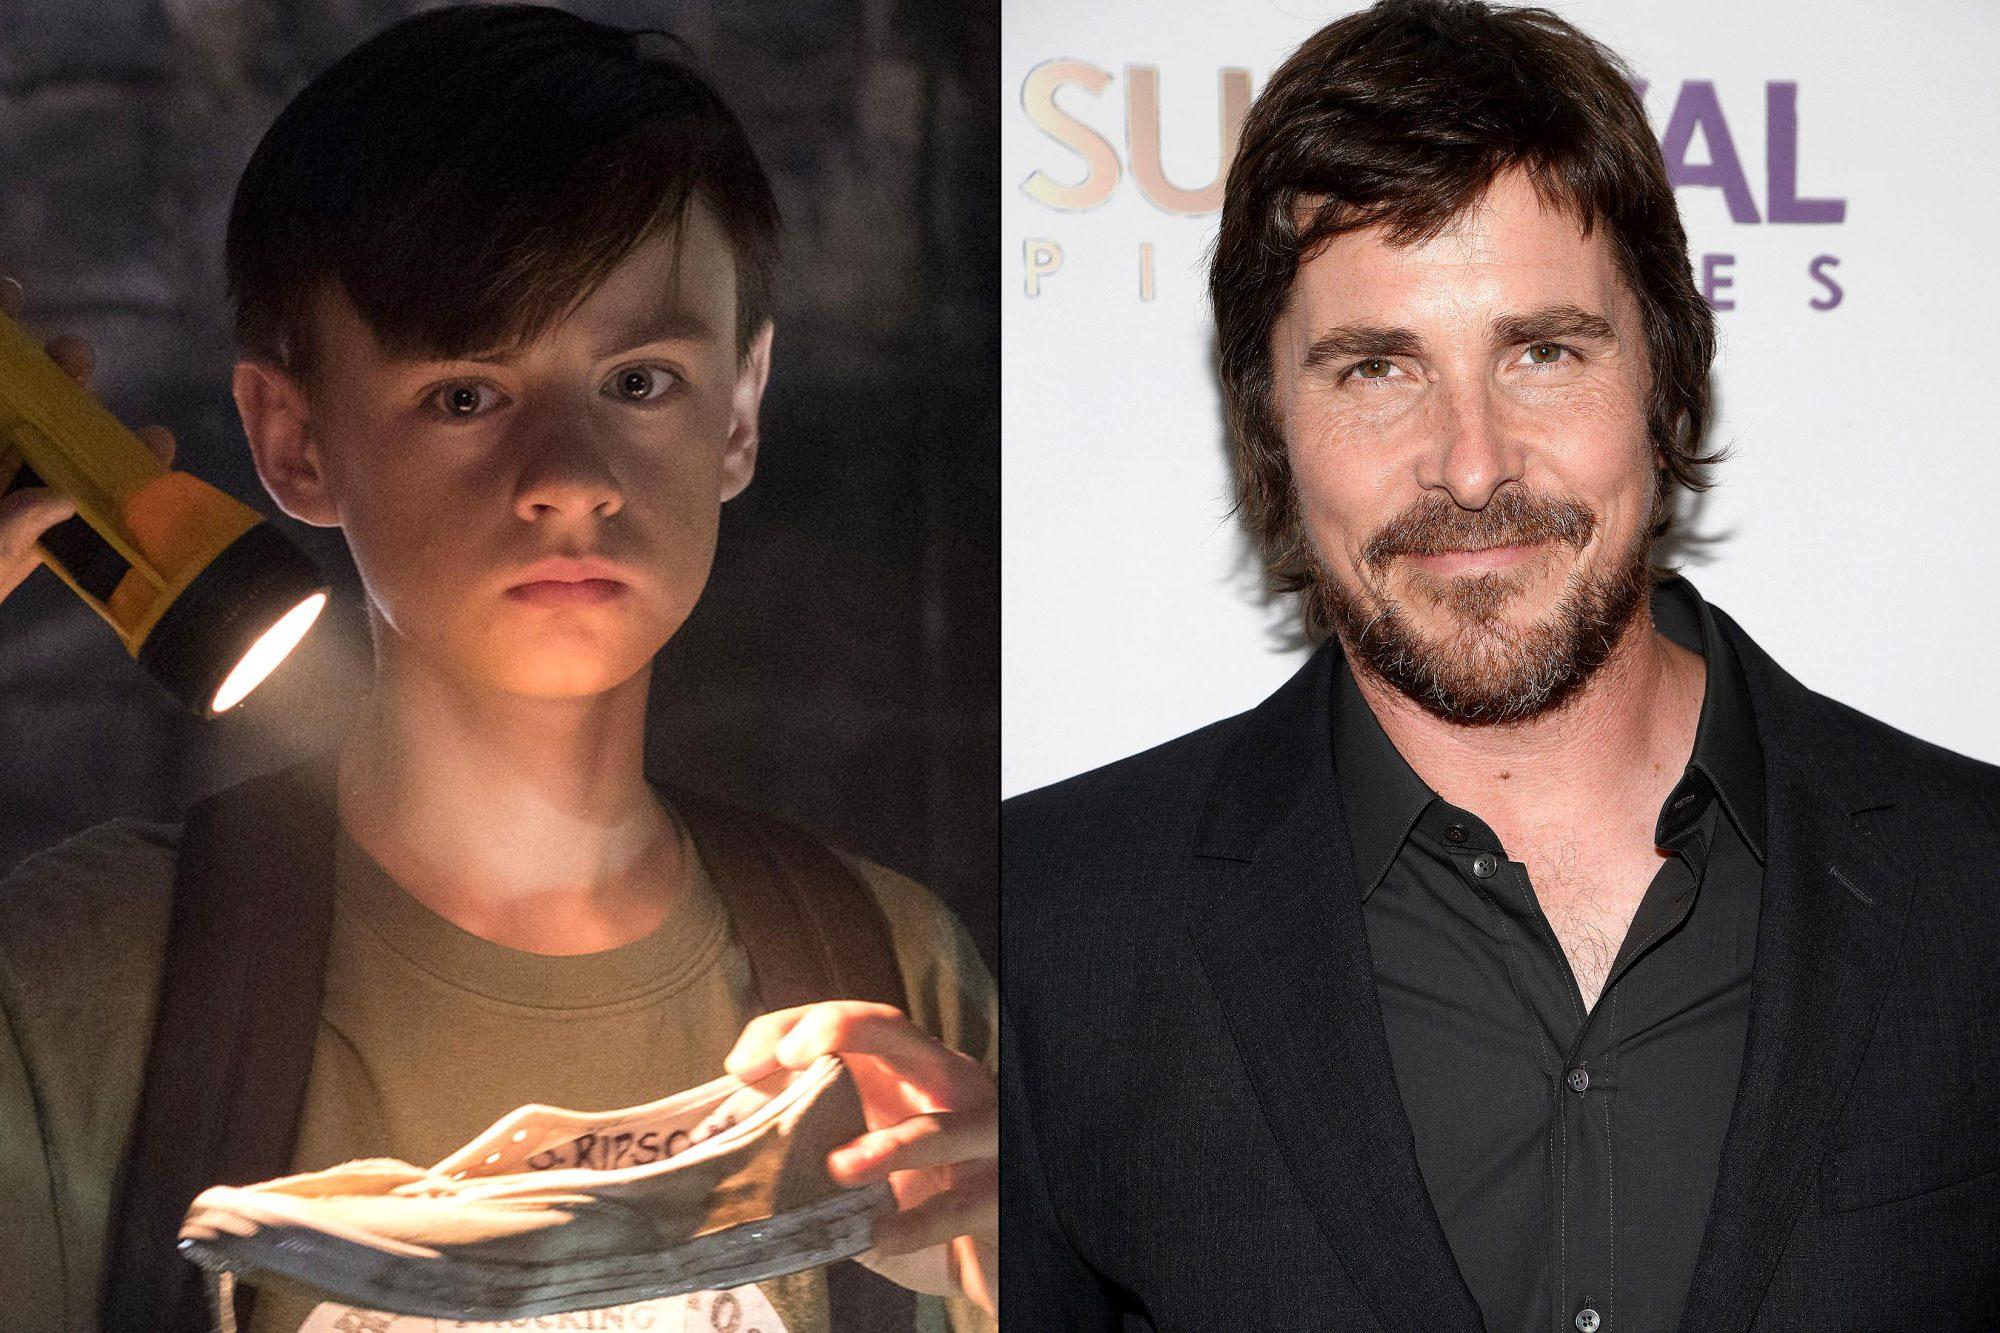 Jaden Lieberher and Christian Bale